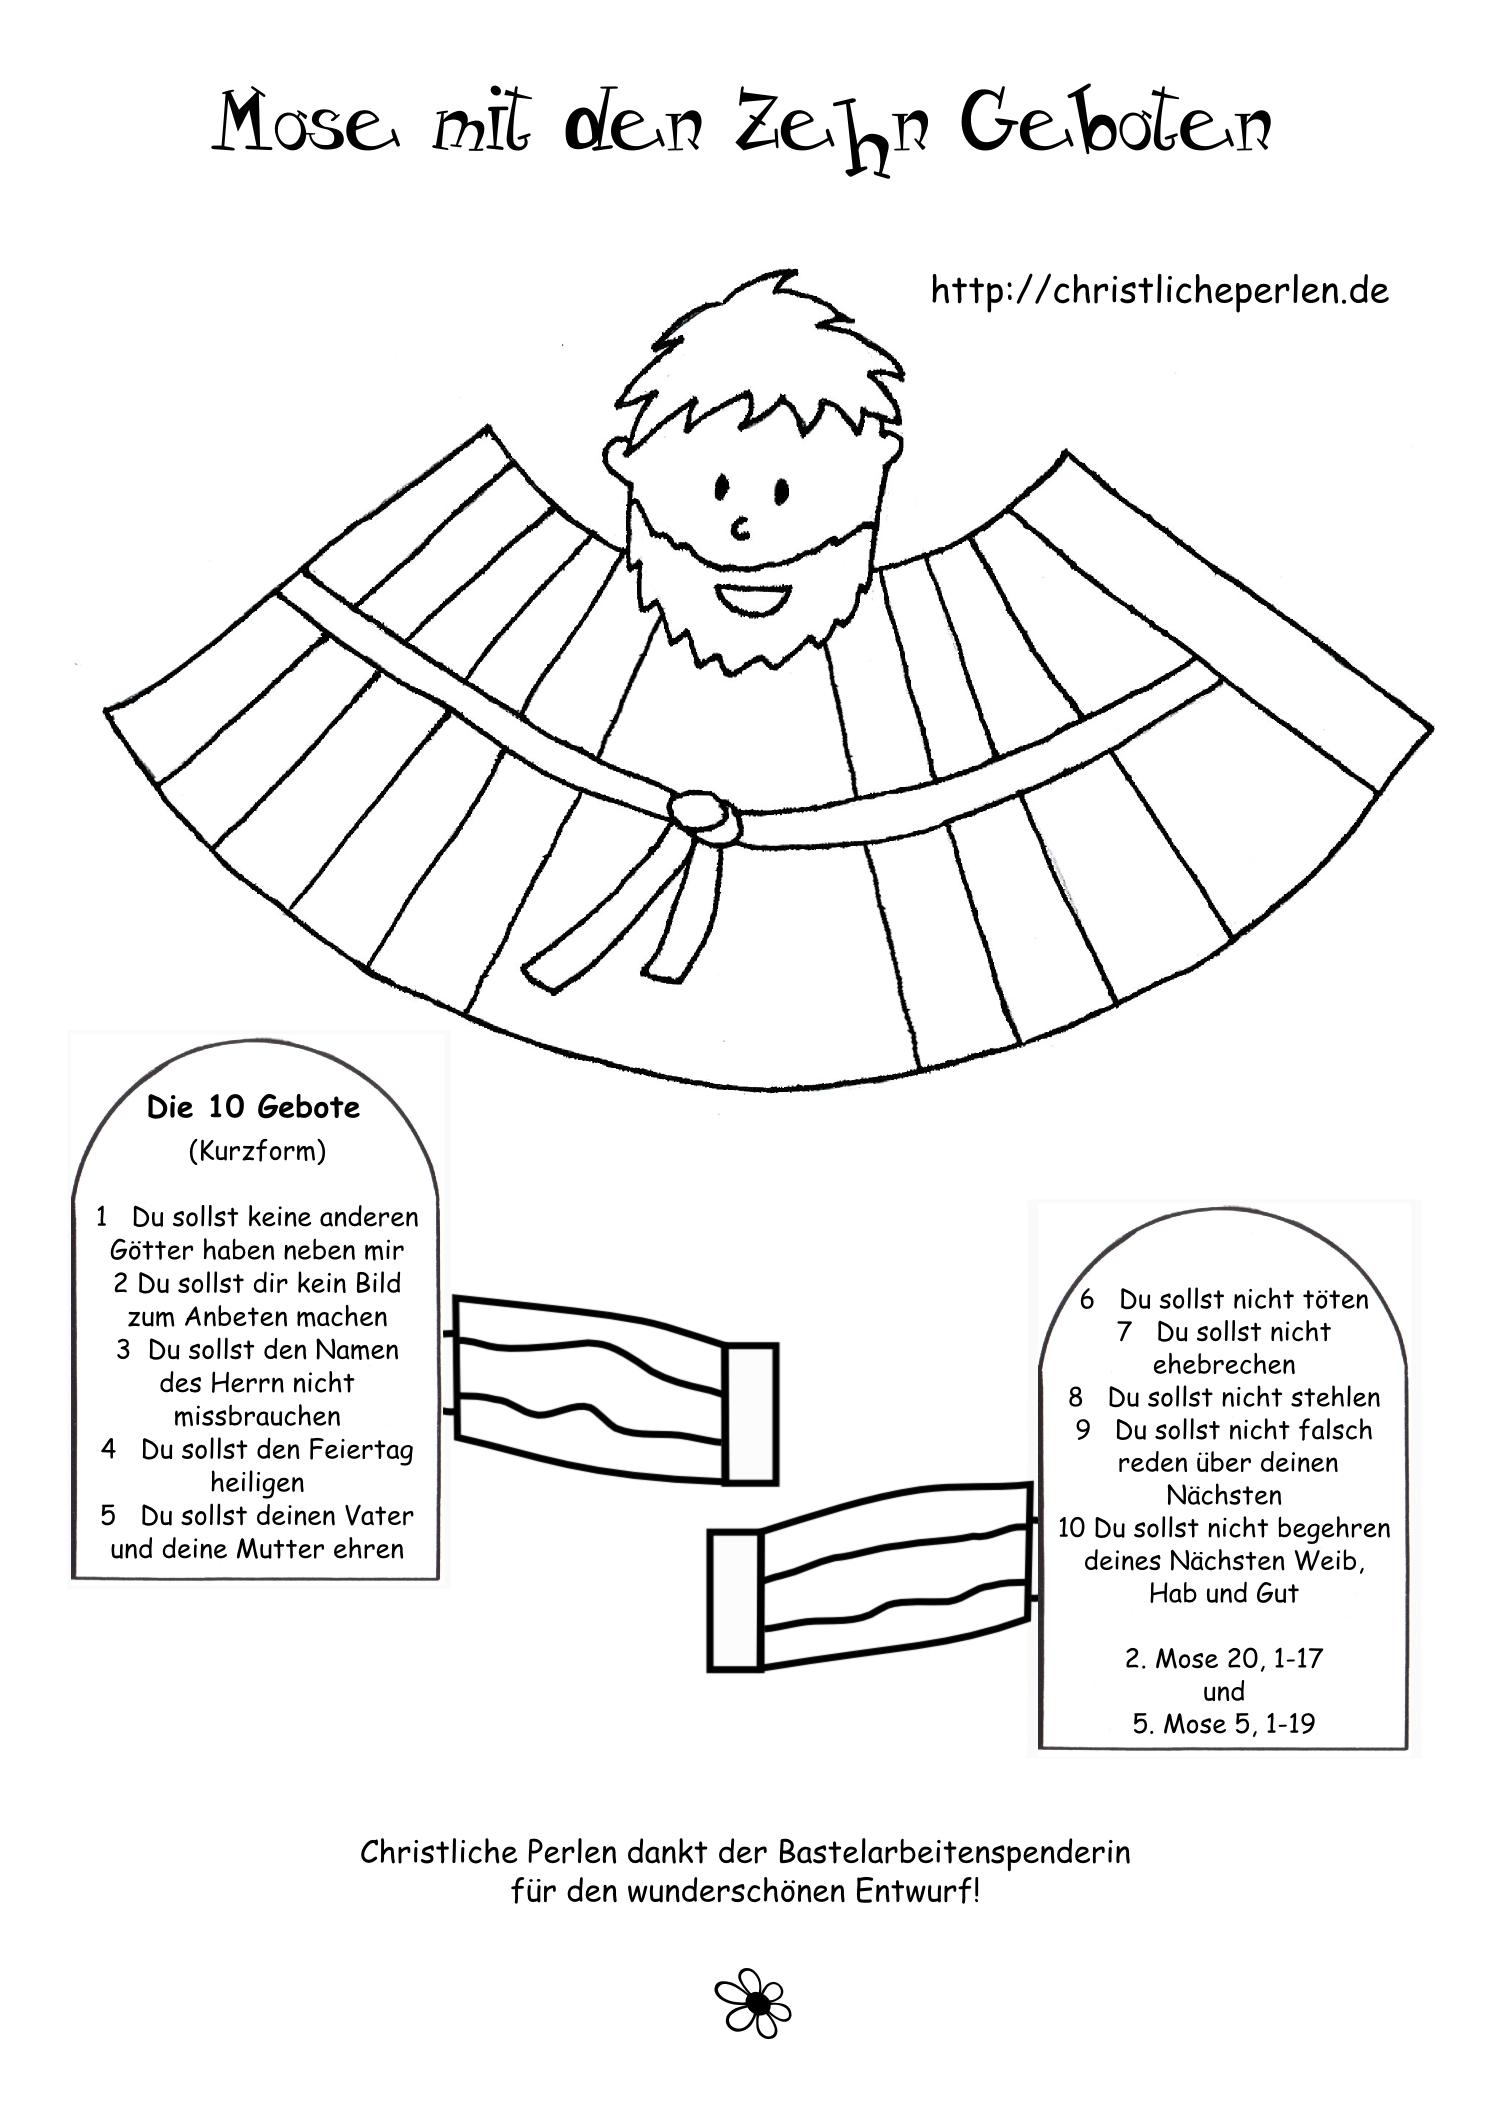 biblische malvorlagen 10 gebote 02 | Schule | Pinterest | Gebote ...